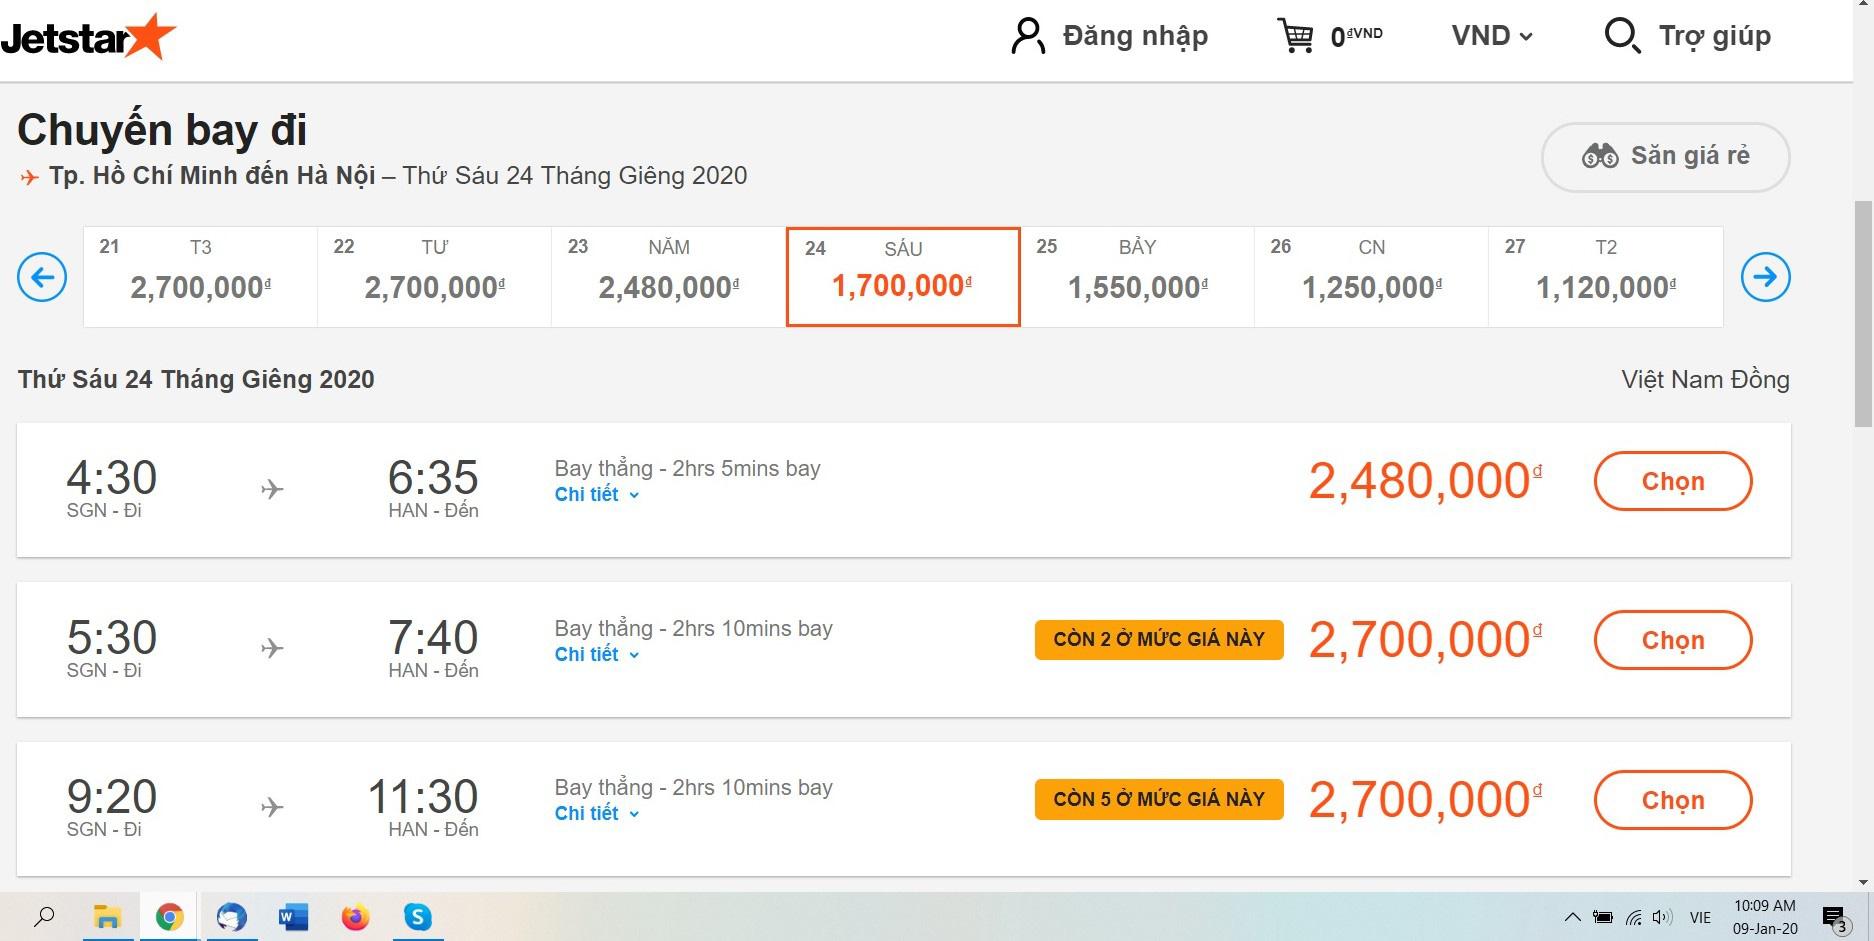 Vé máy bay Tết online vẫn còn nhiều khi hãng bay tăng cường chuyến đêm - Ảnh 3.